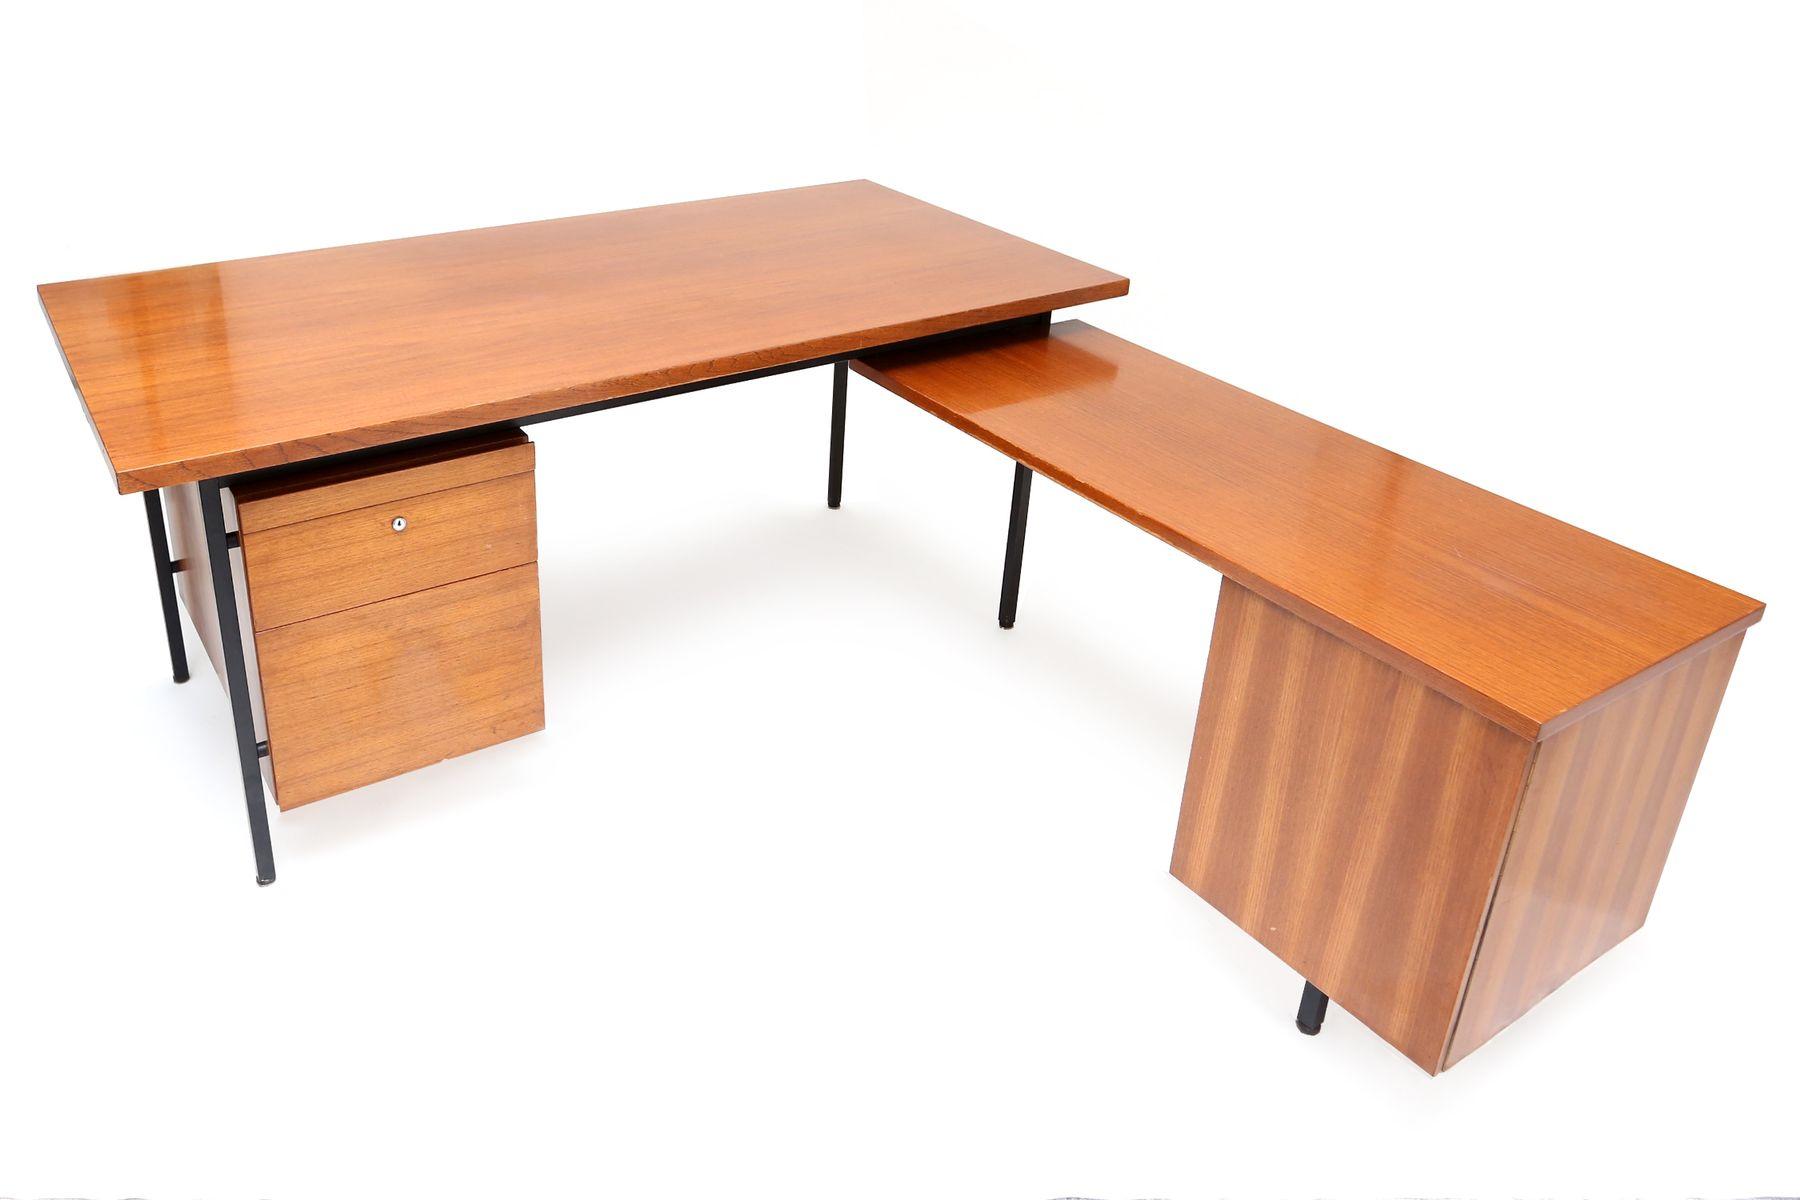 double bureau en l par florence knoll 1950s en vente sur pamono. Black Bedroom Furniture Sets. Home Design Ideas